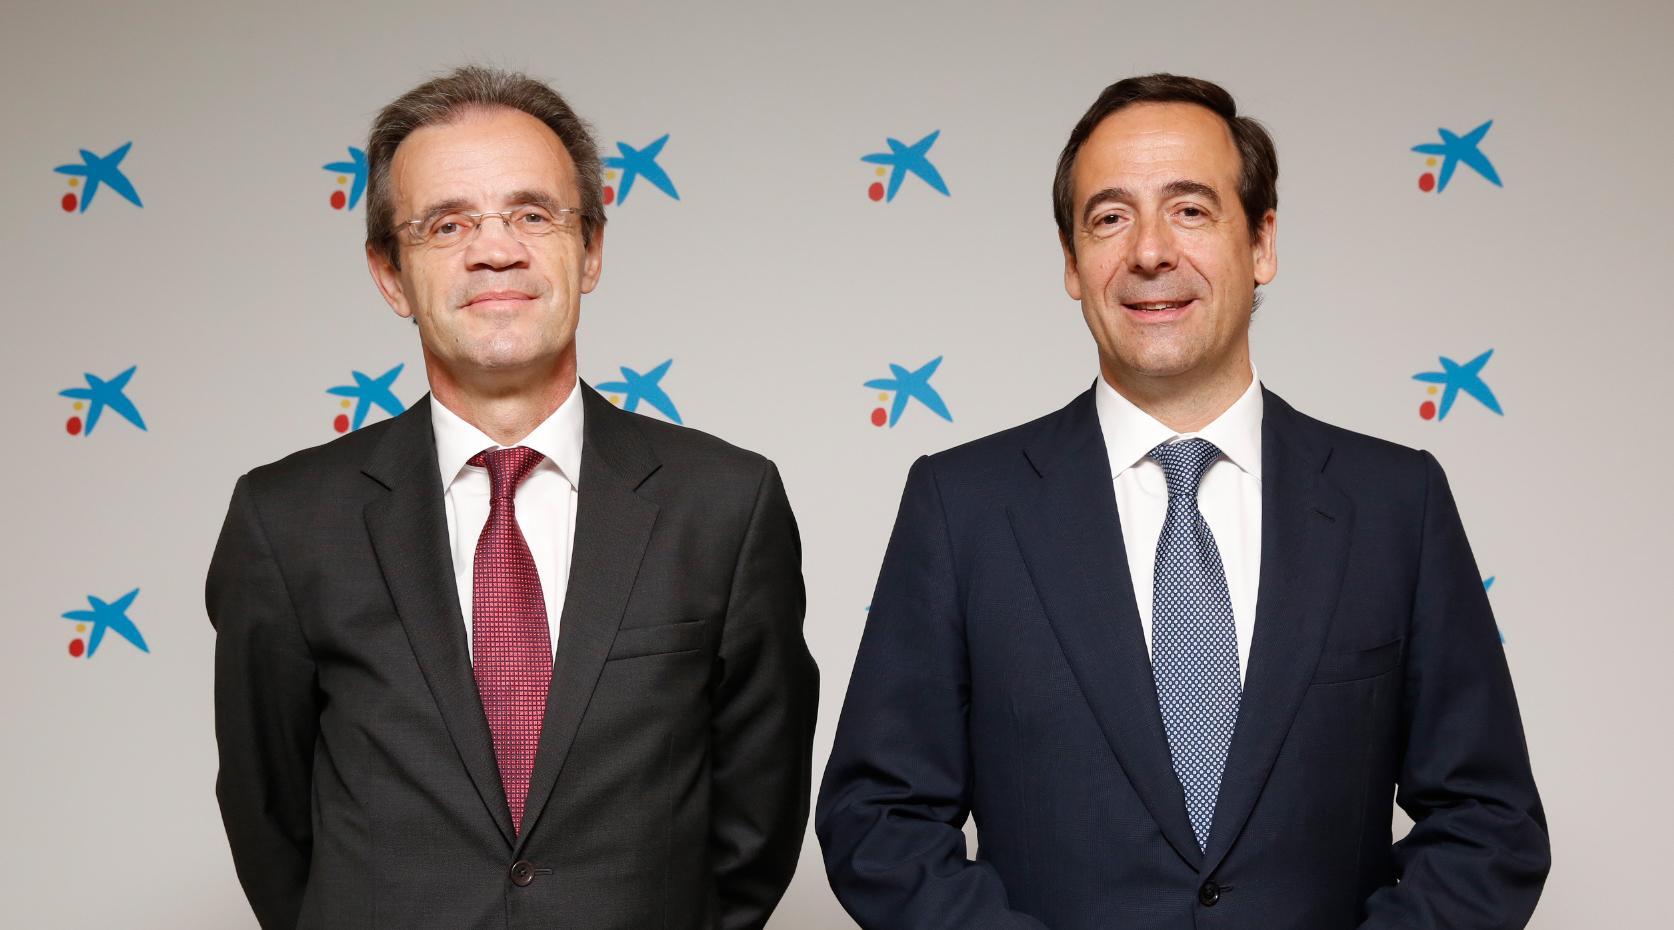 jordi-gual-presidente-de-caixabank-y-gonzalo-gortazar-consejero-delegado-de-caixabank